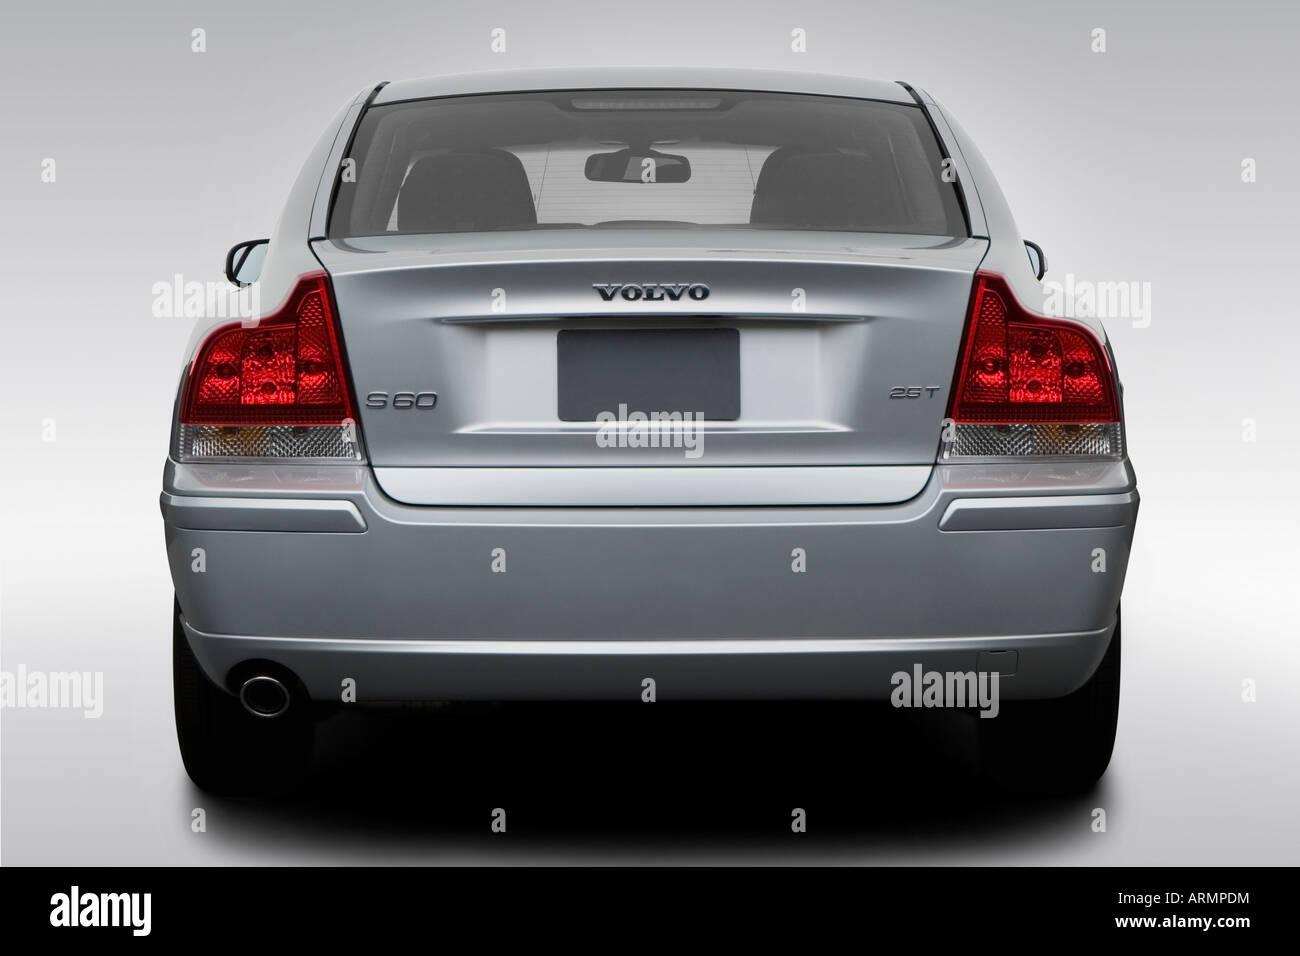 2008 volvo s60 2 5t in silver low wide rear